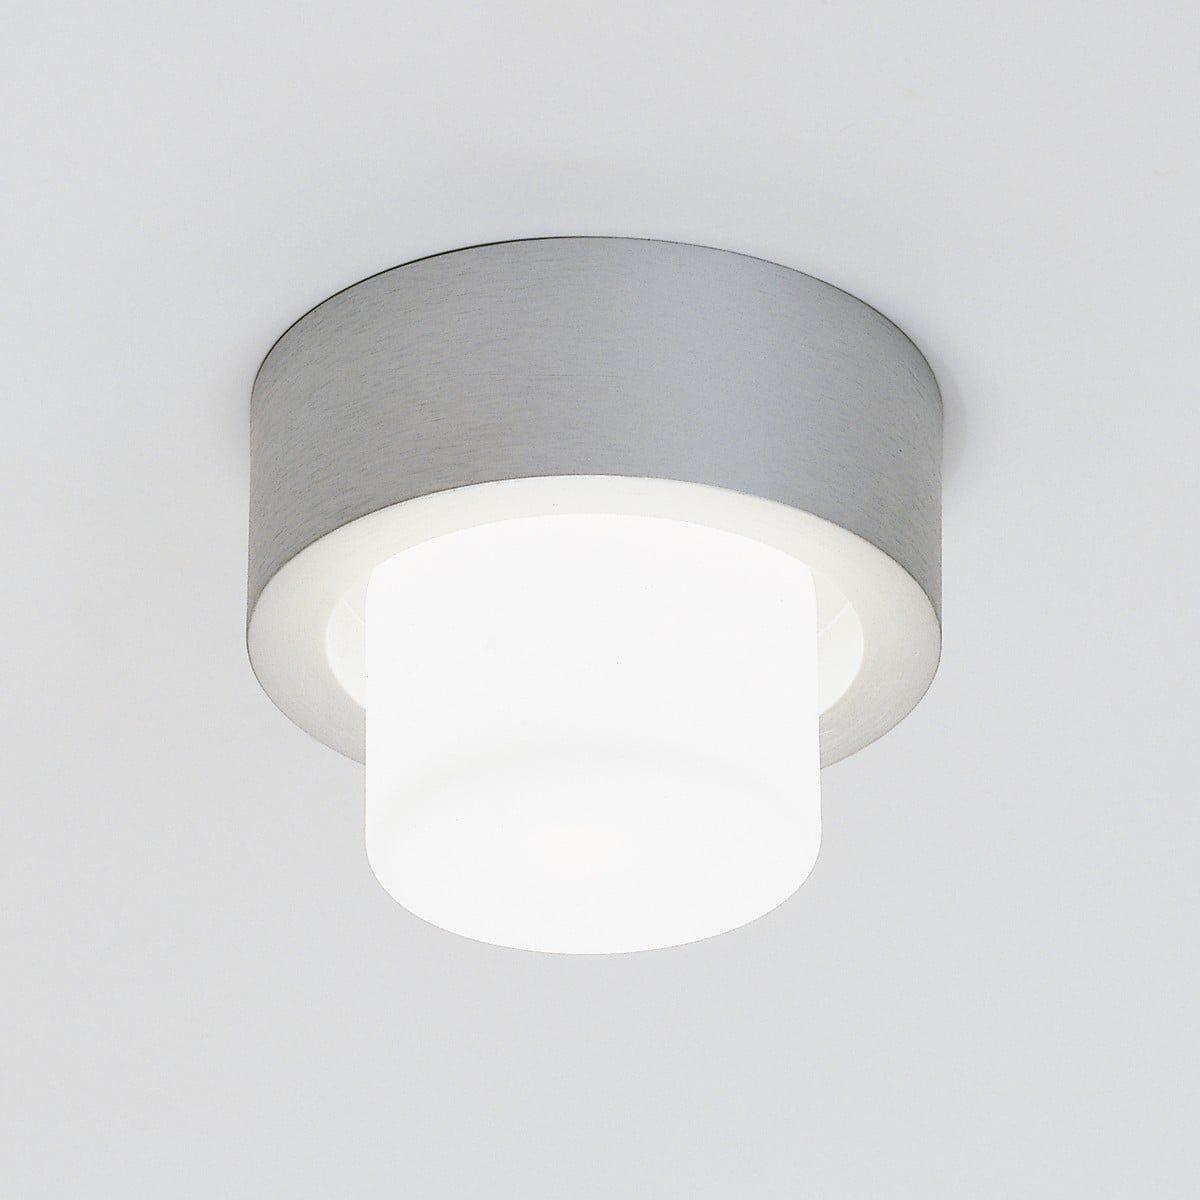 Milan Mini Rondo Wand Deckenleuchte Aluminium Satiniert Mit Bildern Kristall Lampe Deckenleuchten Indirekte Beleuchtung Selber Bauen